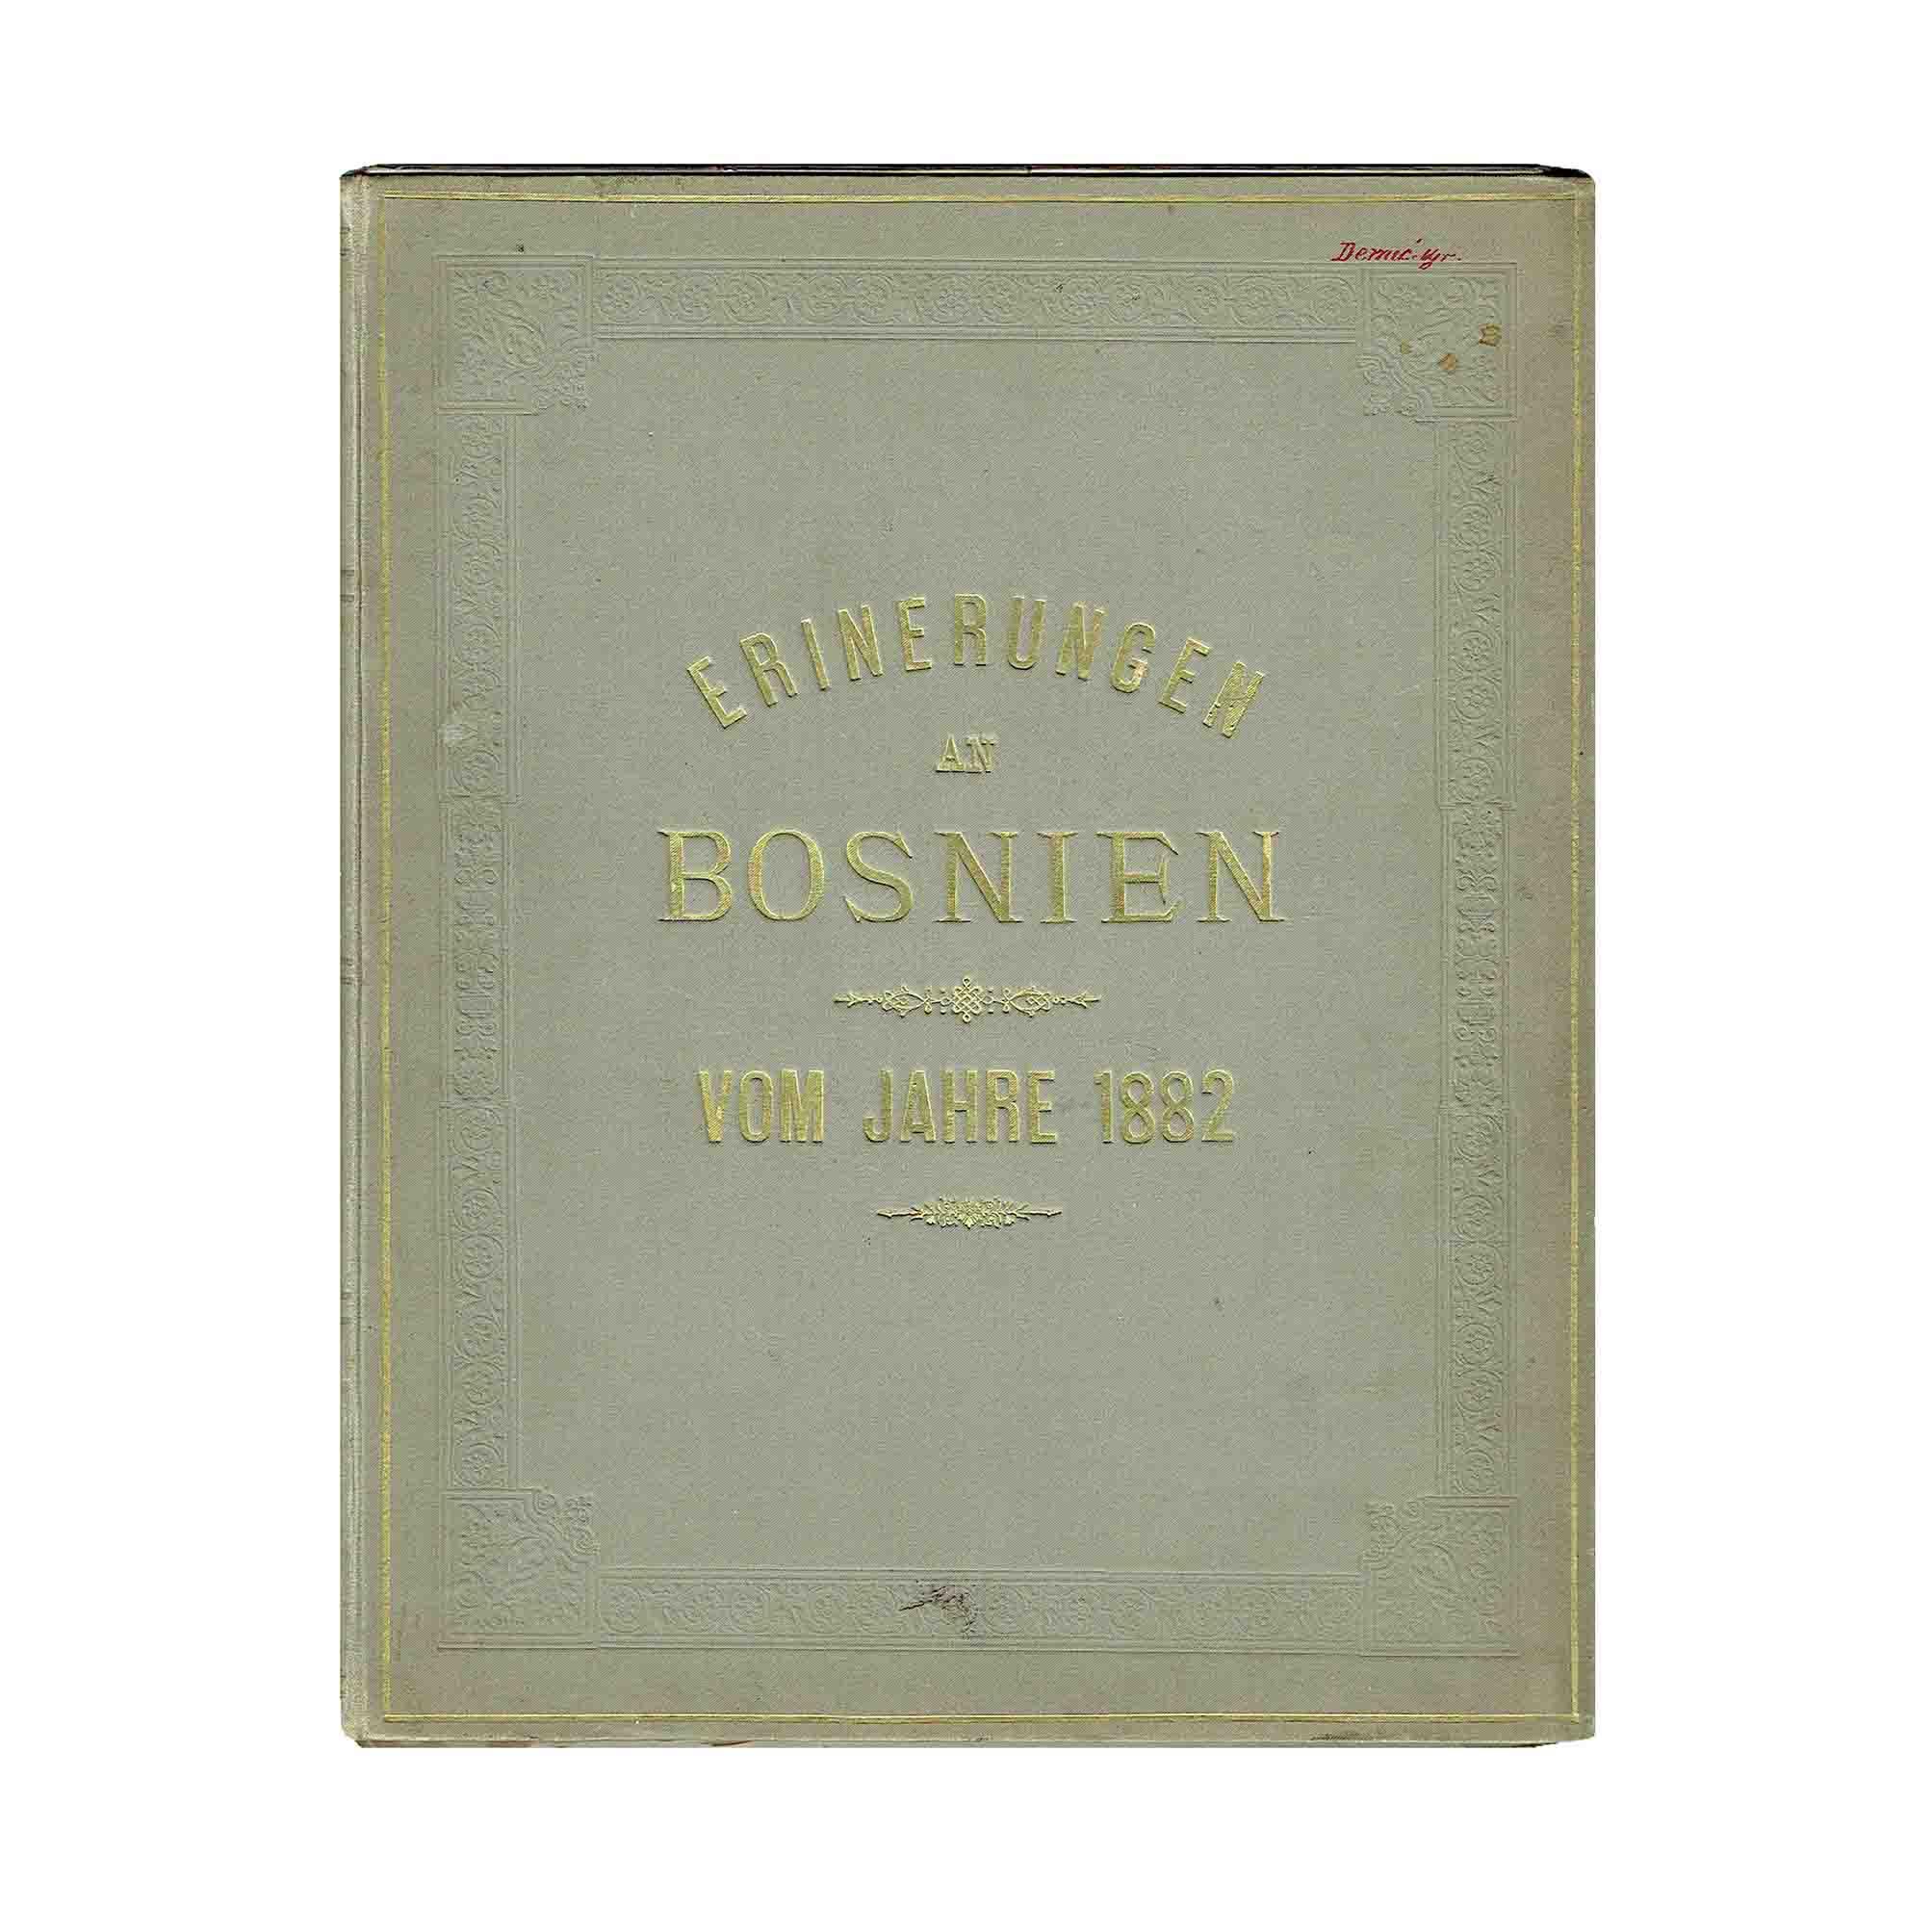 K-Truppe-Mienzil-Bosnien-Zeichnungen-1882-Kassette-frei-N-1.jpg